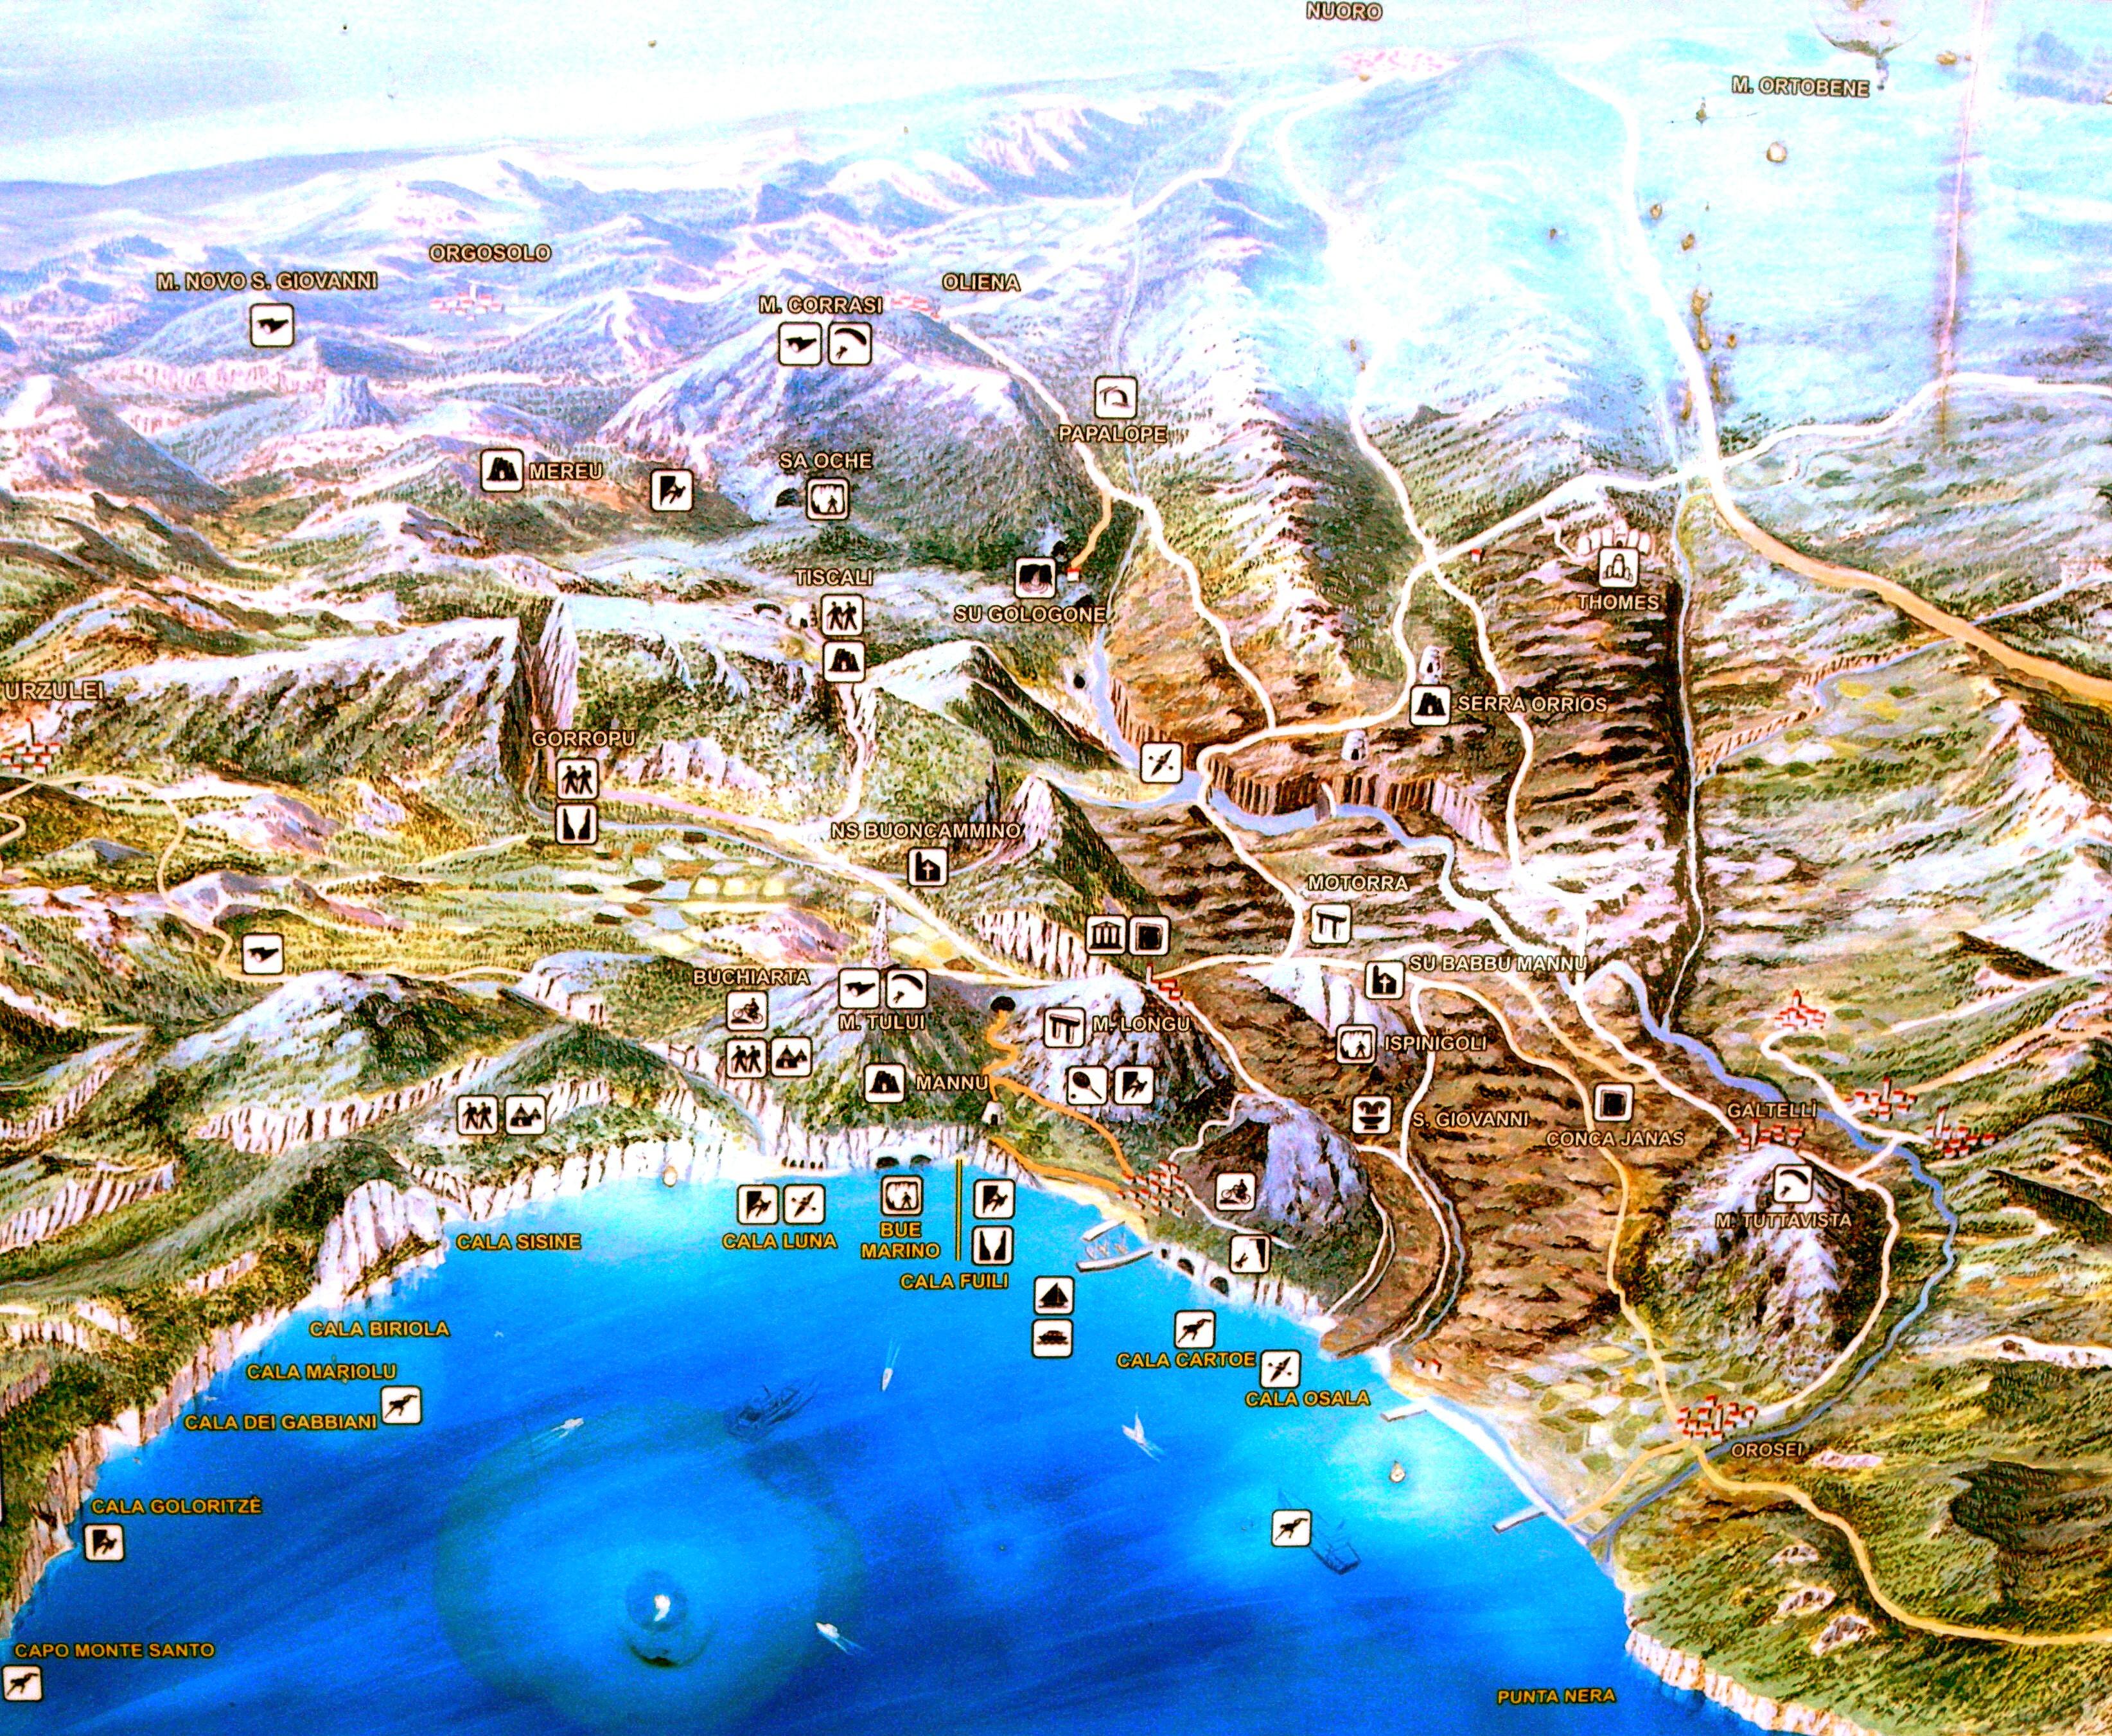 Cala Gonone Italy  city images : ... parque museo s abba frisca cala luna excursión en barco cala